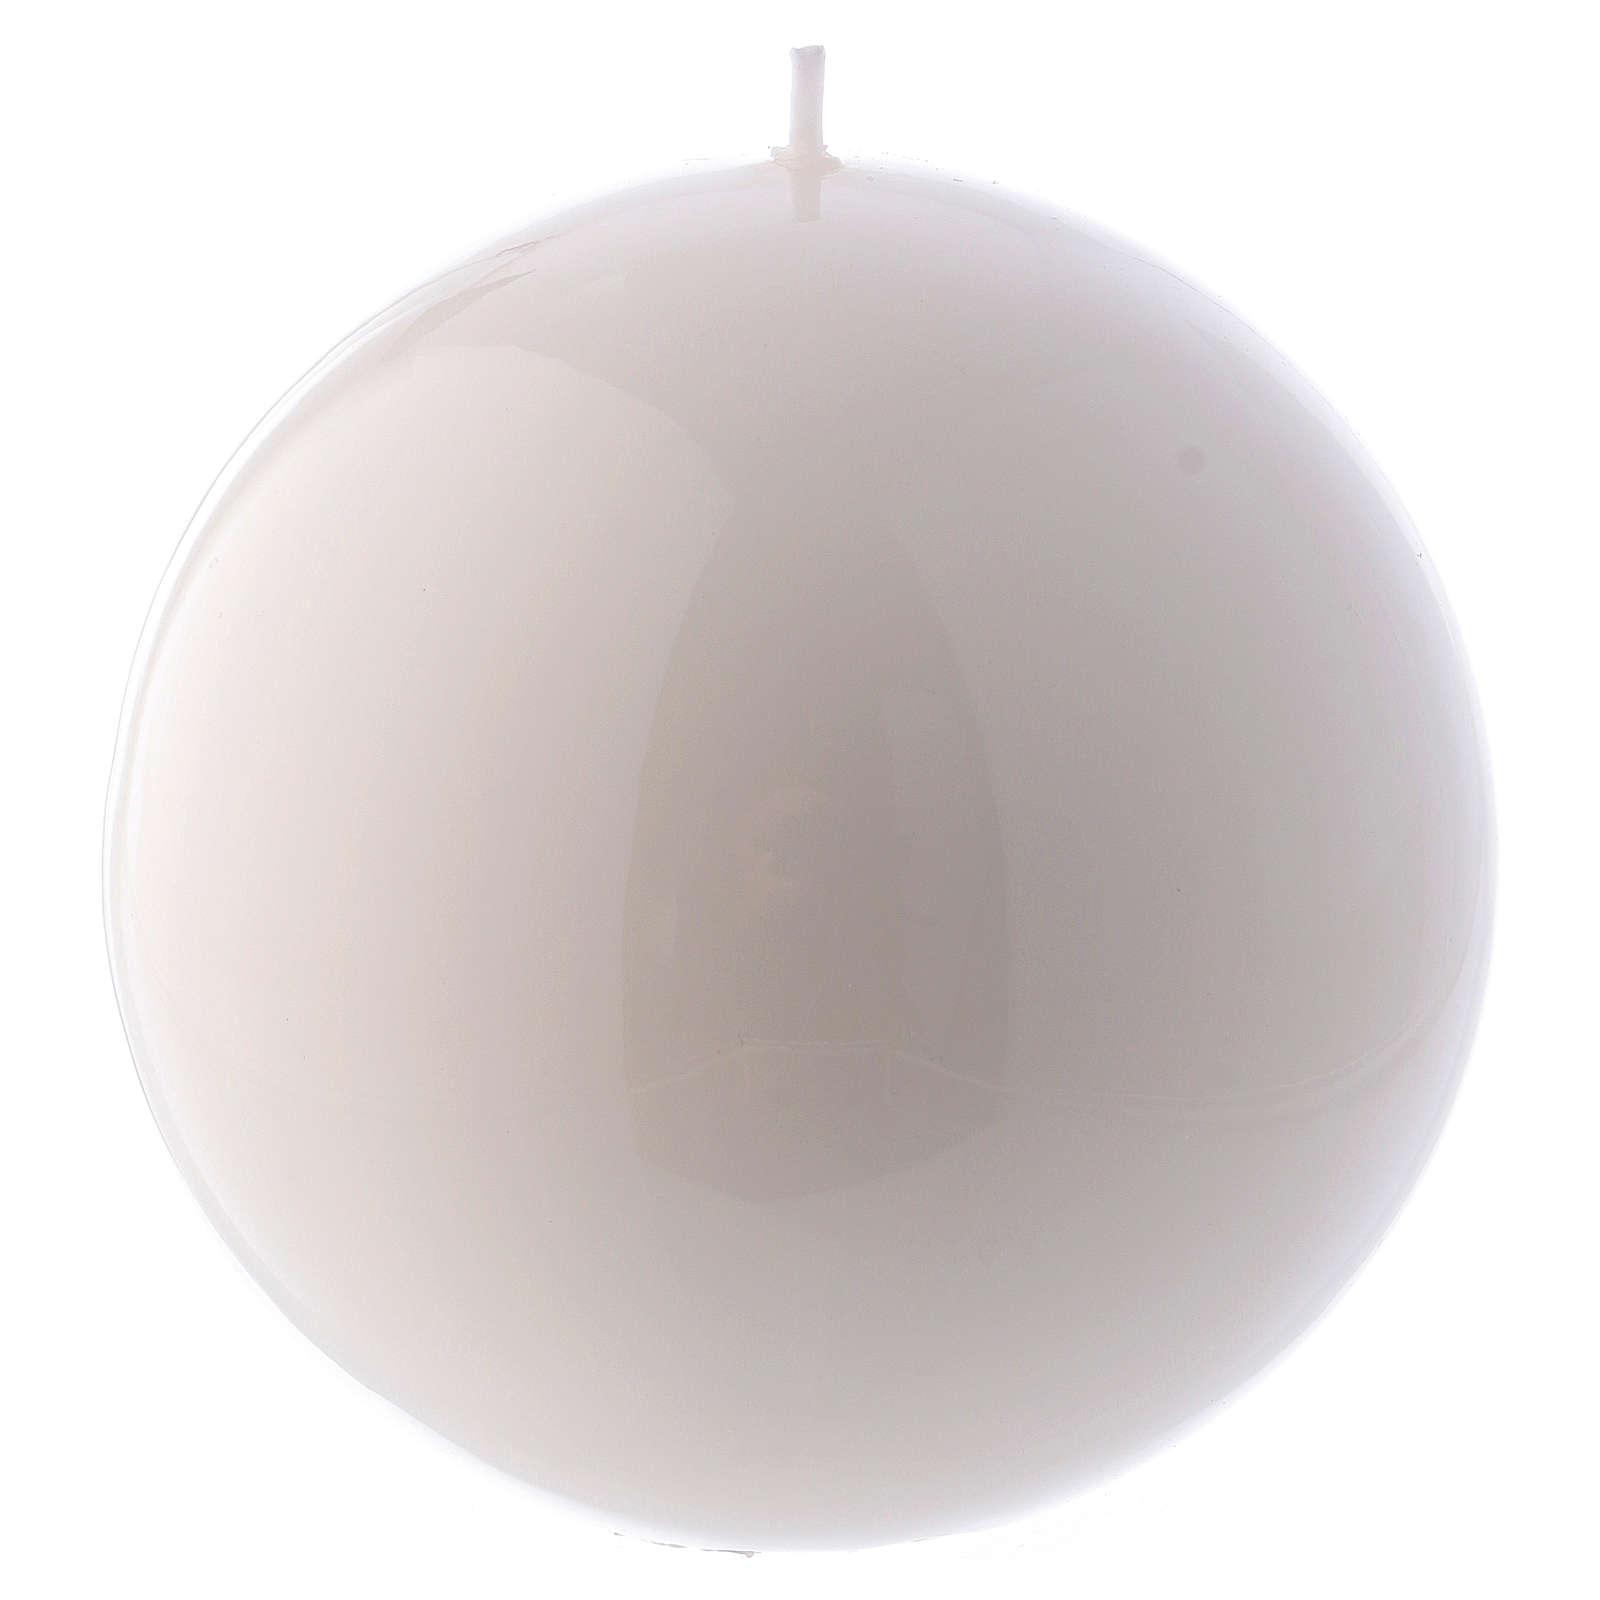 Bougie Sphère Brillante Ceralacca diam. 12 cm blanche 3